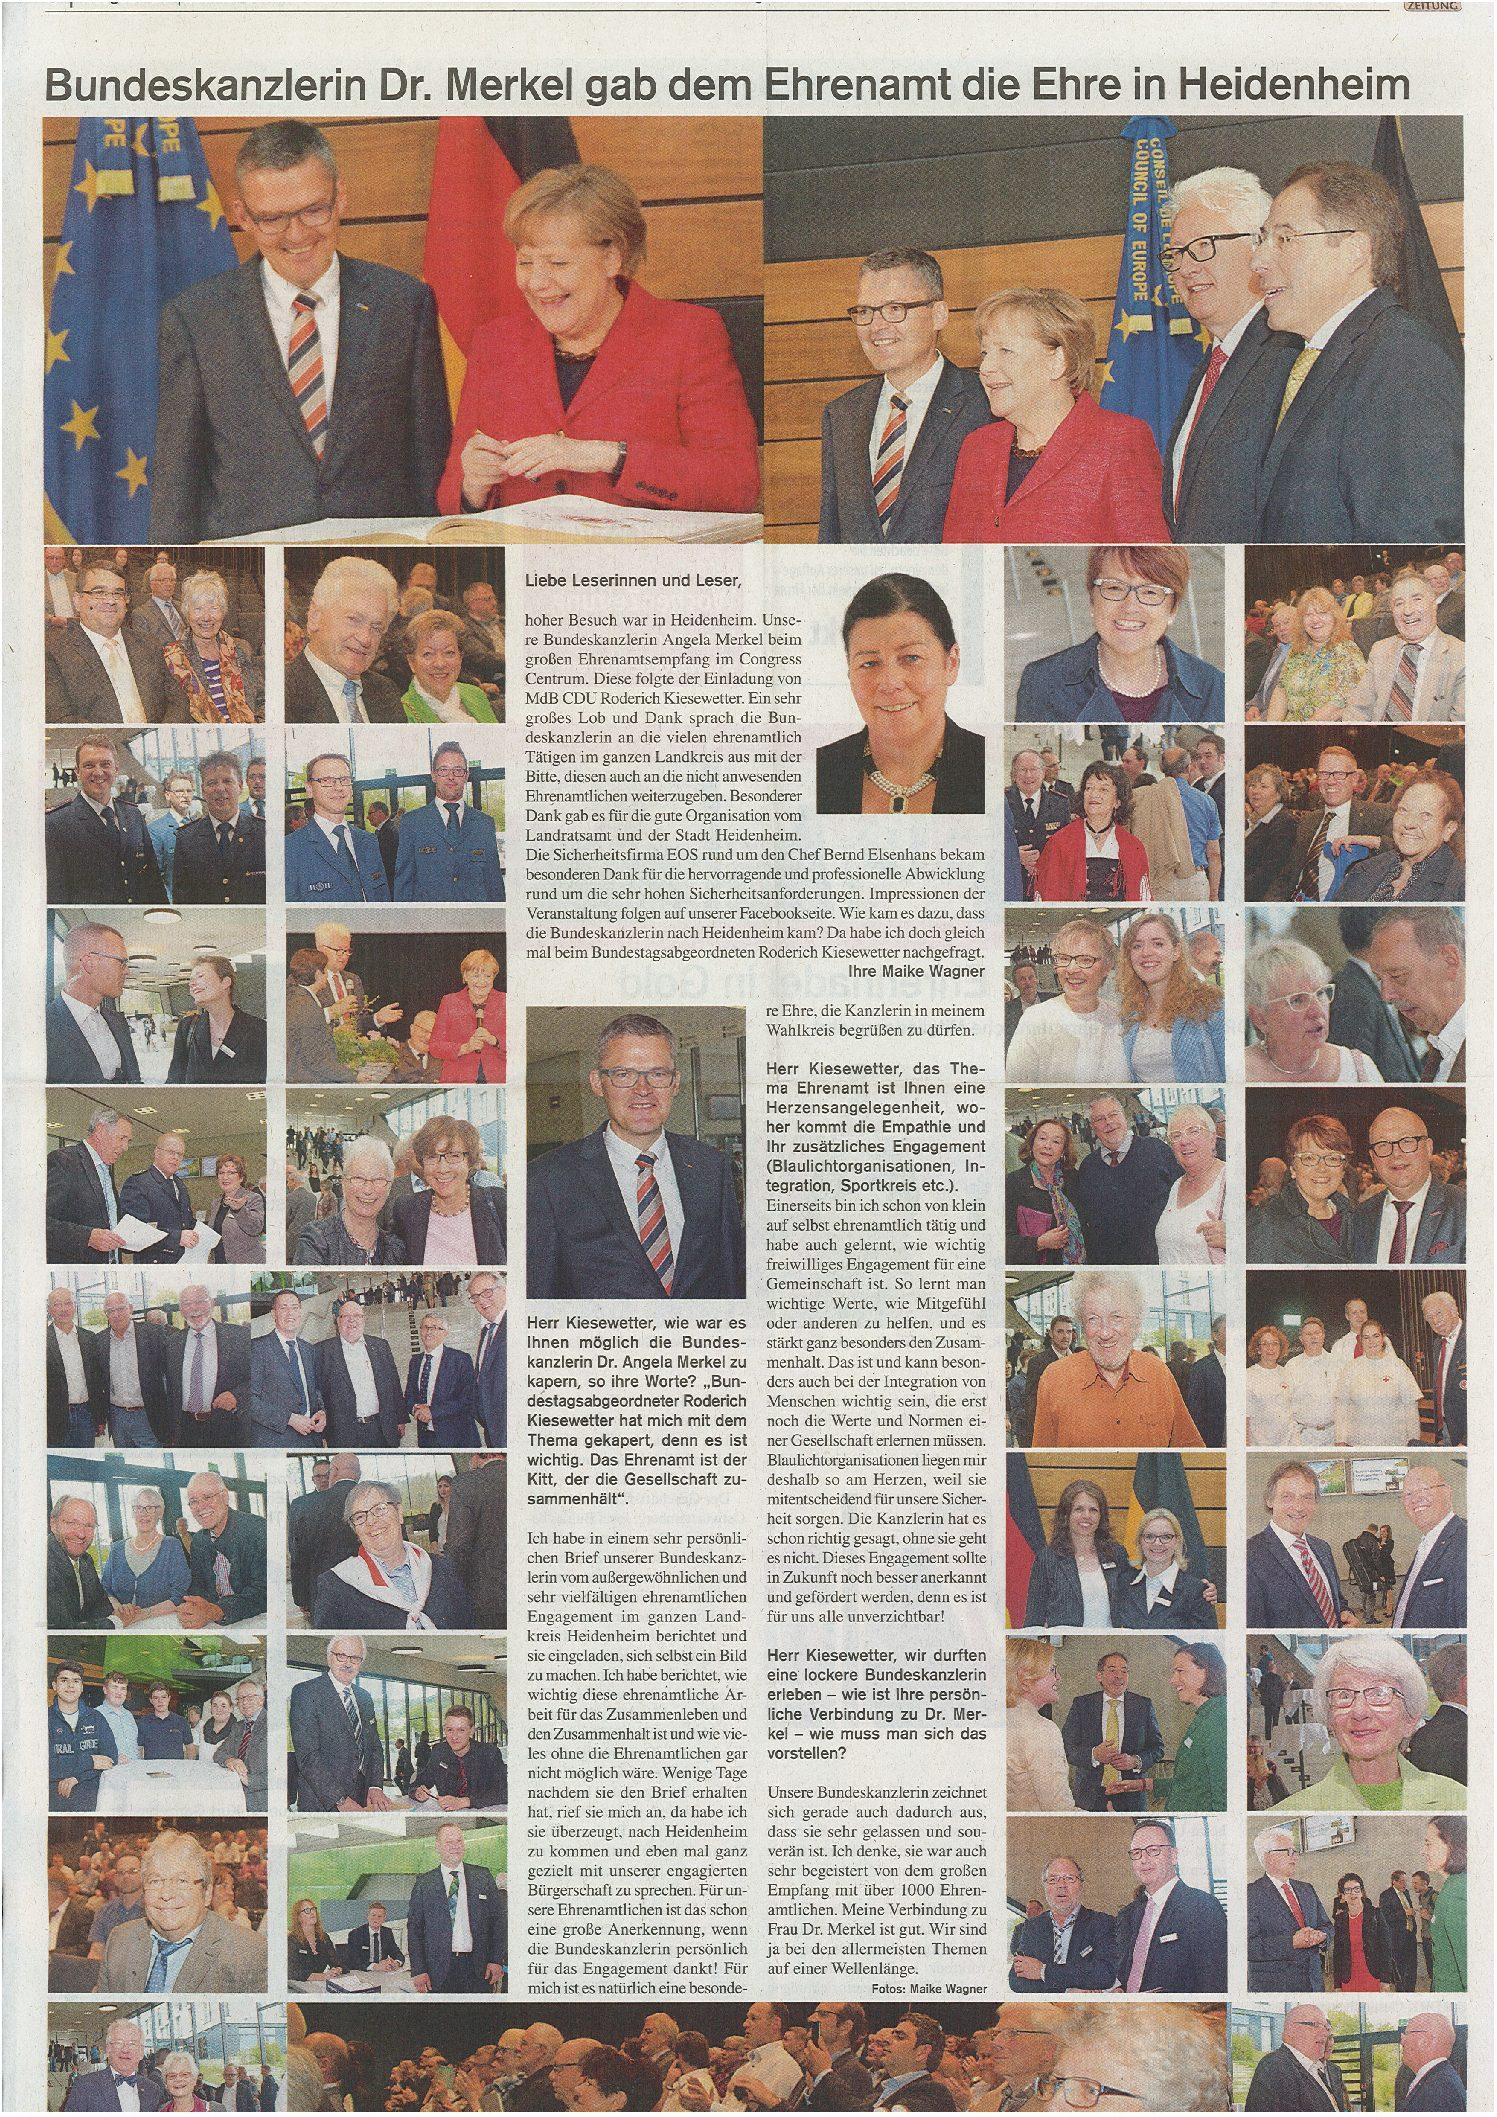 Bundeskanzlerin Dr. Merkel gab dem Ehrenamt die Ehre in Heidenheim